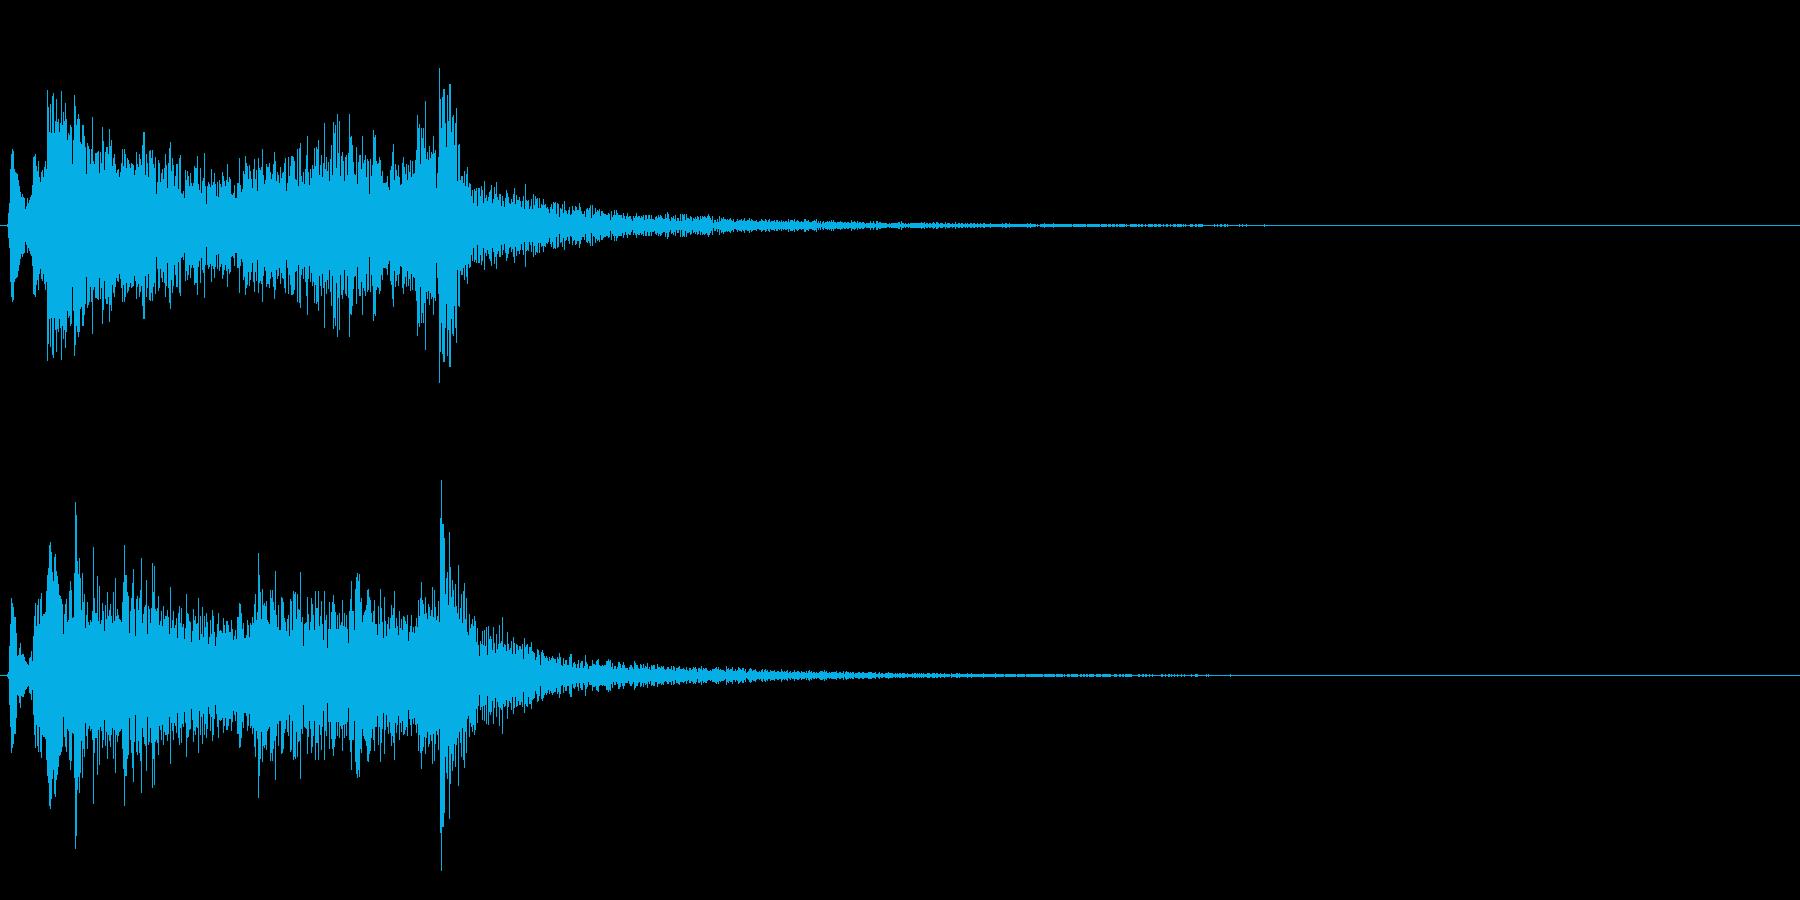 テレレレン…テレレレ…琴の代表的フレーズの再生済みの波形